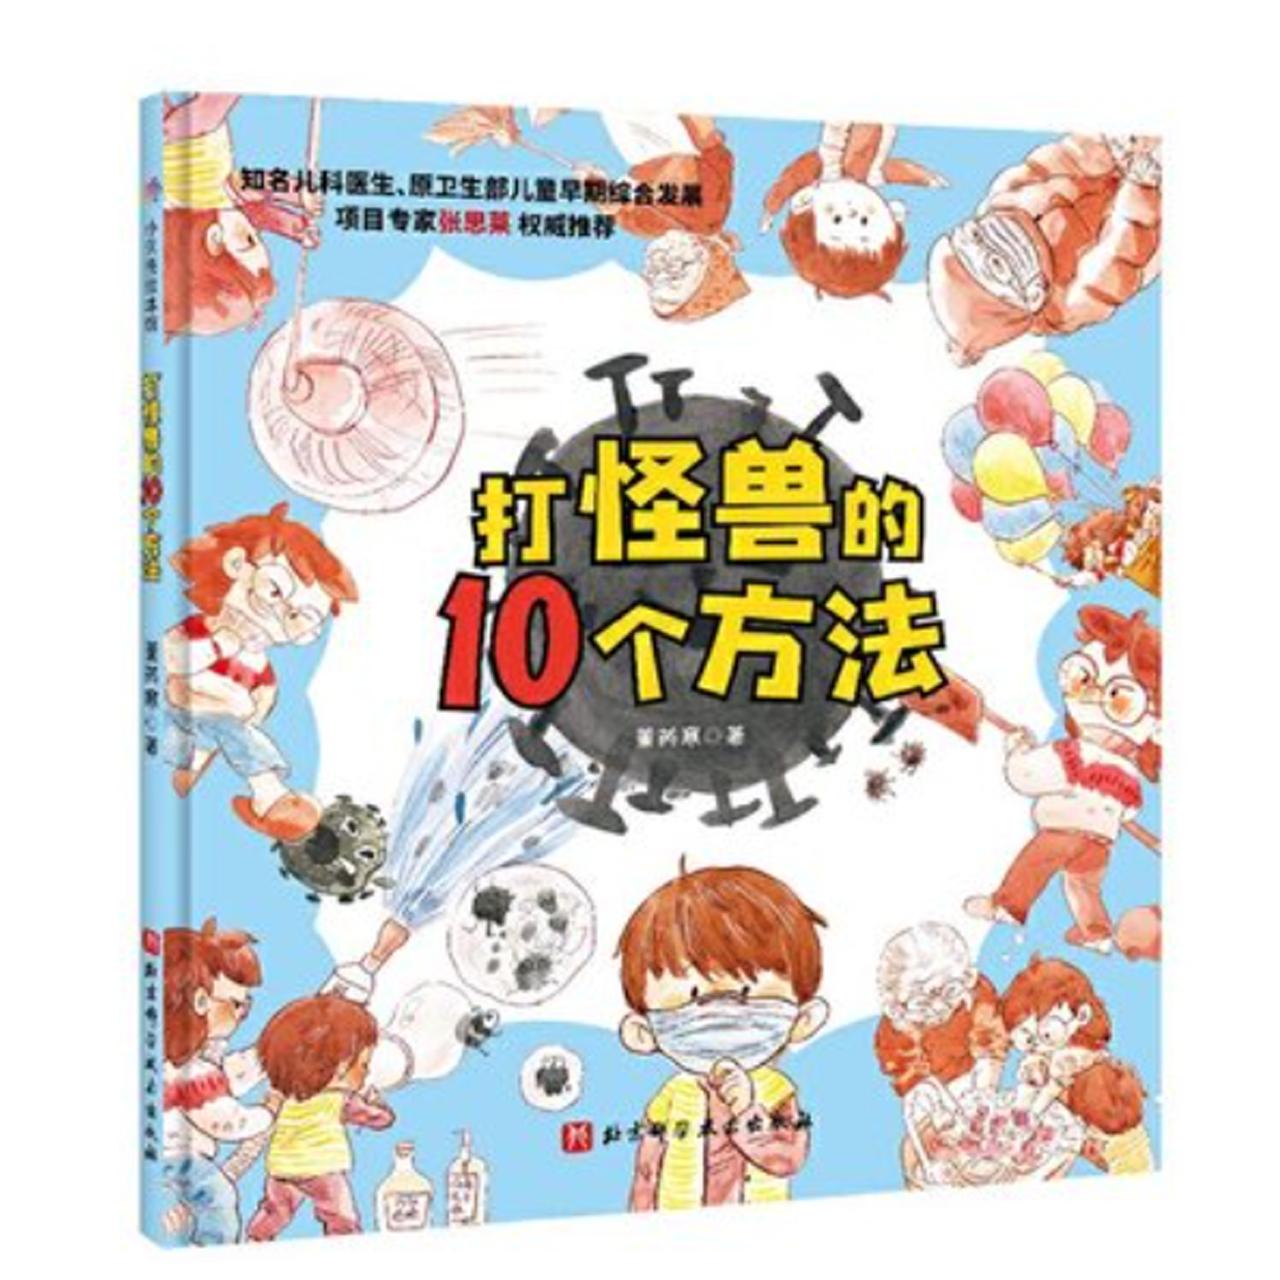 打怪兽的10个方法 【儿童绘本/有趣故事/知识教学】